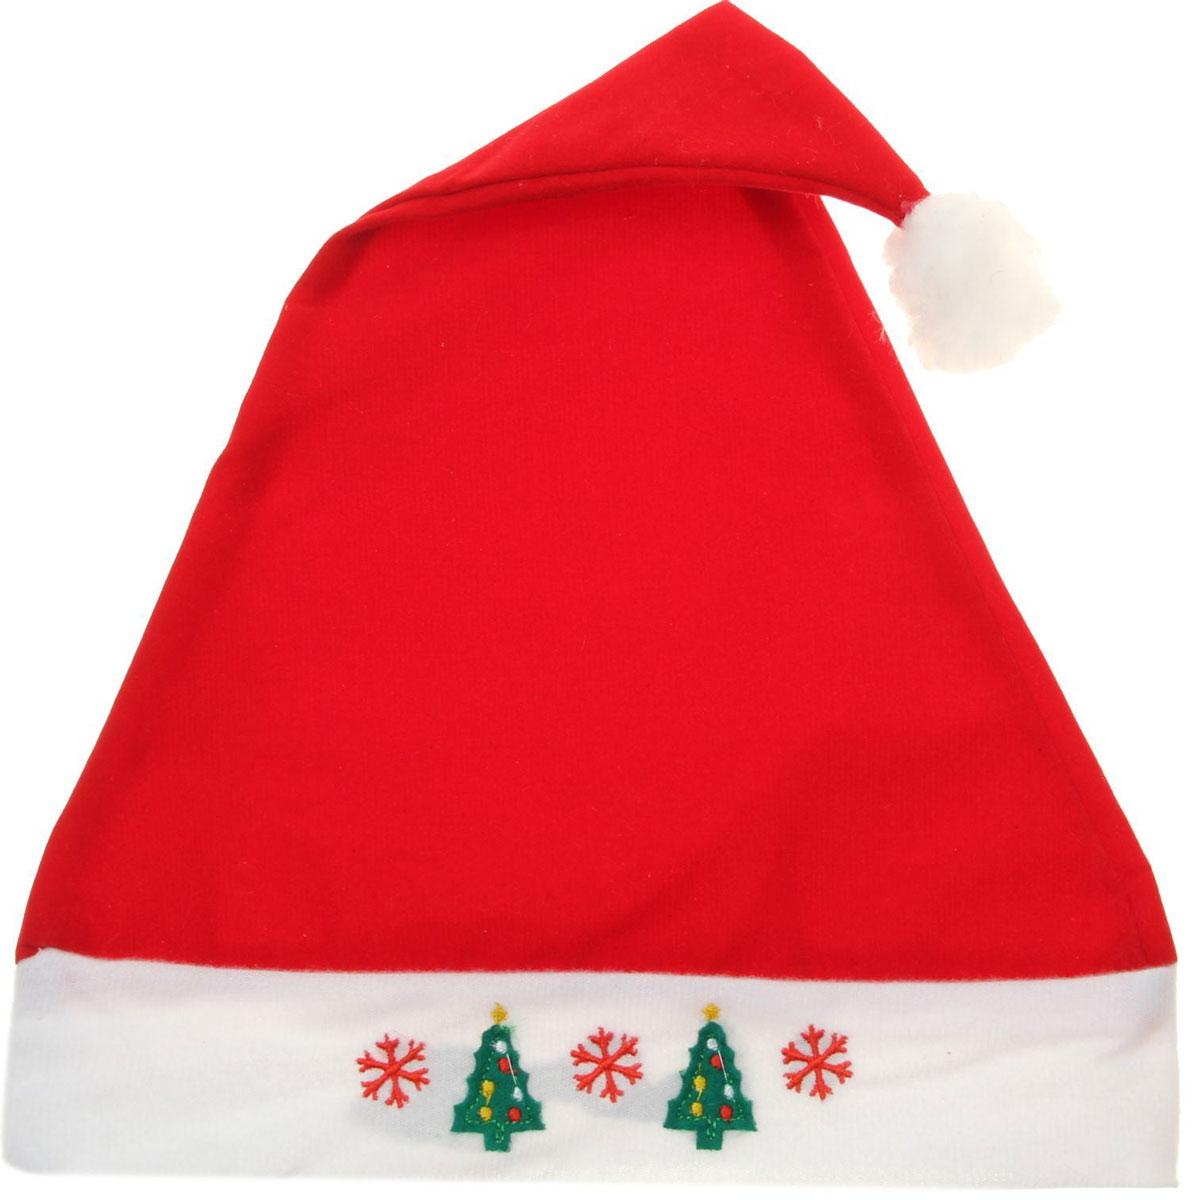 Колпак новогодний Со снежинками и елками, 28 х 41 см. 13906341390634Поддайтесь новогоднему веселью на полную катушку! Забавный колпак в секунду создаст праздничное настроение, будь то поздравление ребятишек или вечеринка с друзьями. Размер изделия универсальный: аксессуар подойдет как для ребенка, так и для взрослого. А мягкий текстиль позволит носить колпак с комфортом на протяжении всей новогодней ночи.